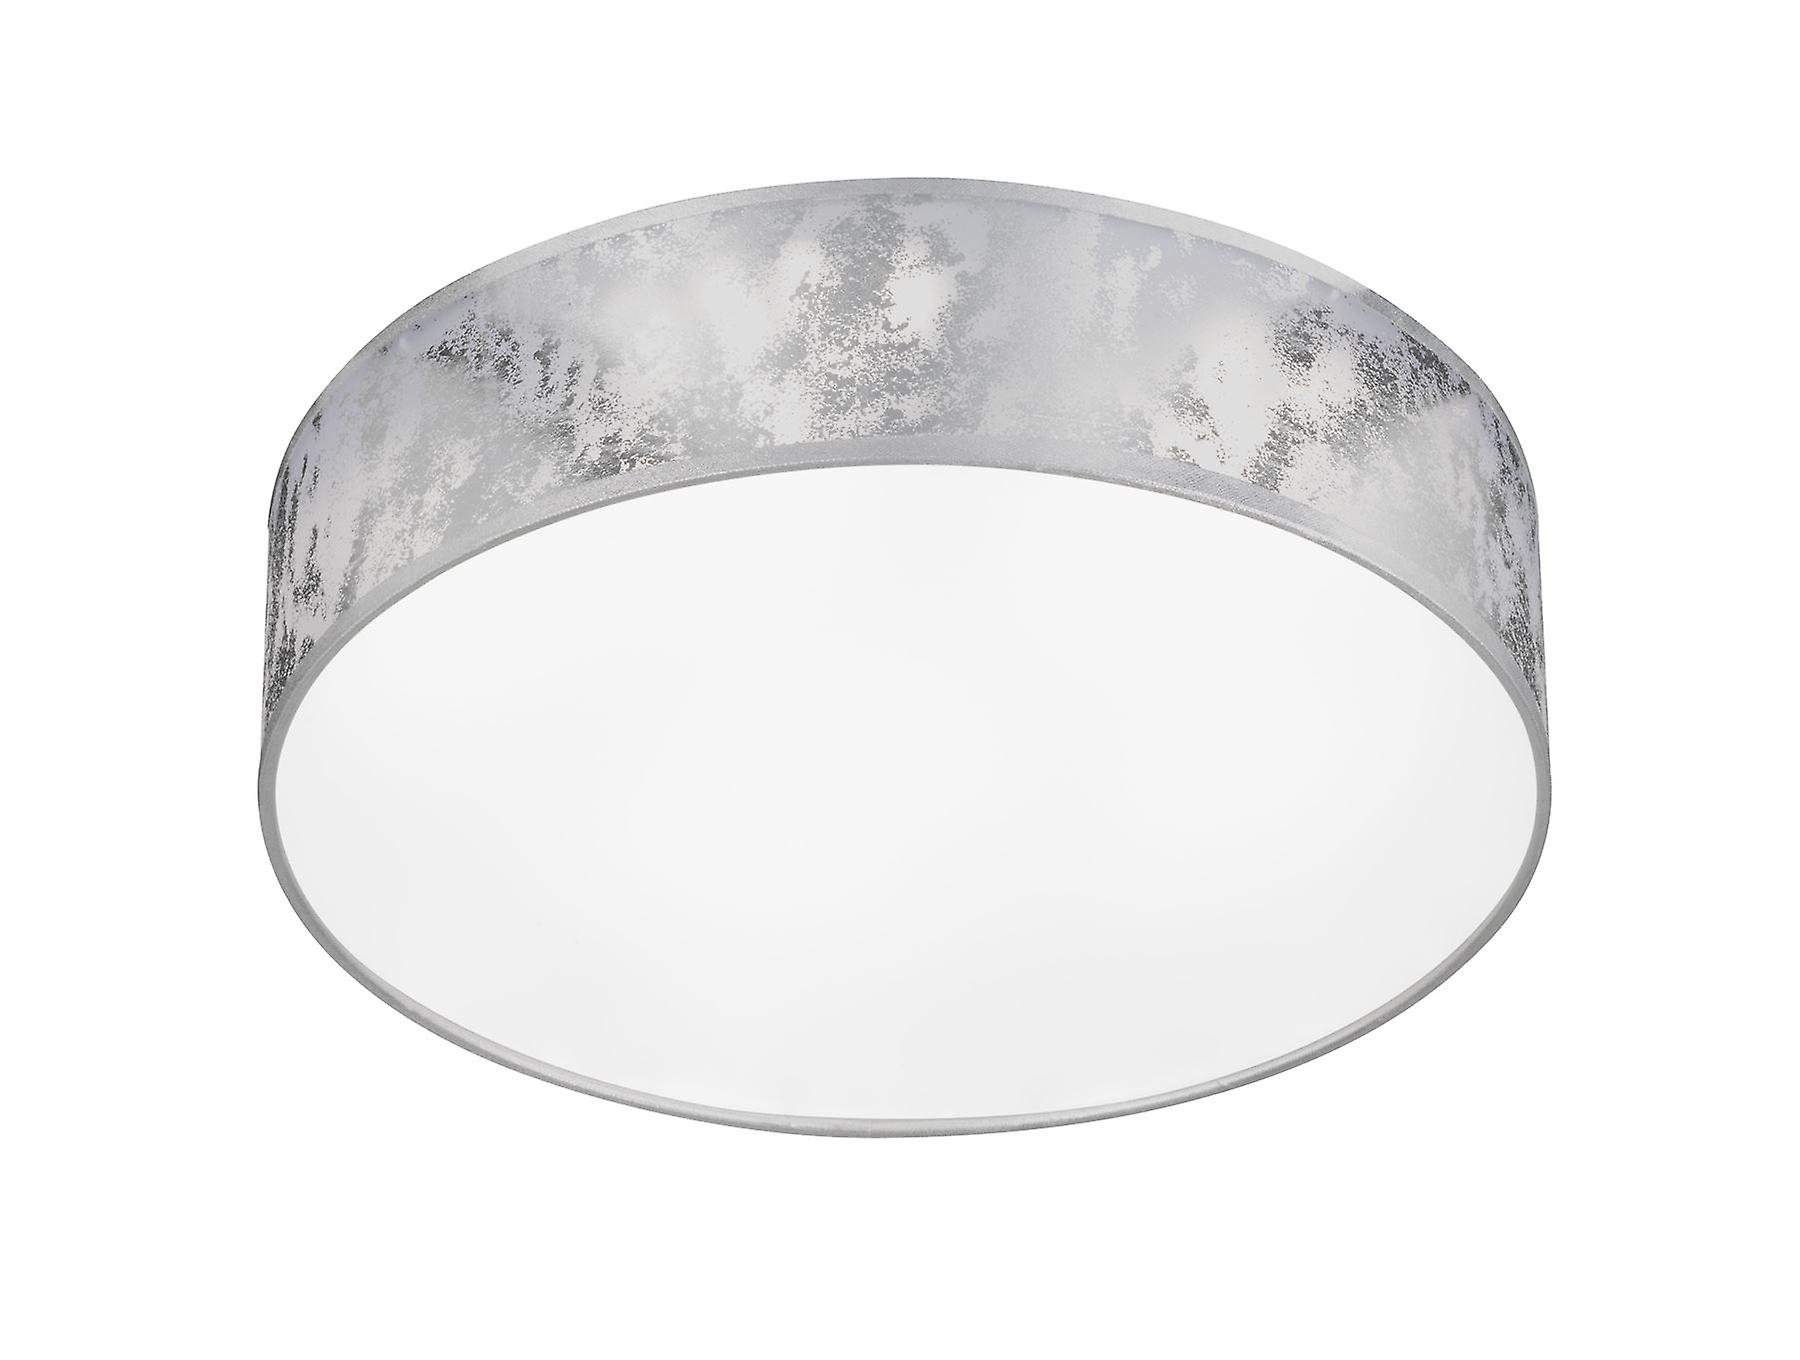 Wofi Leika - LED 1 lumière Flush Plafond lumière argent - 9370.01.70.7000